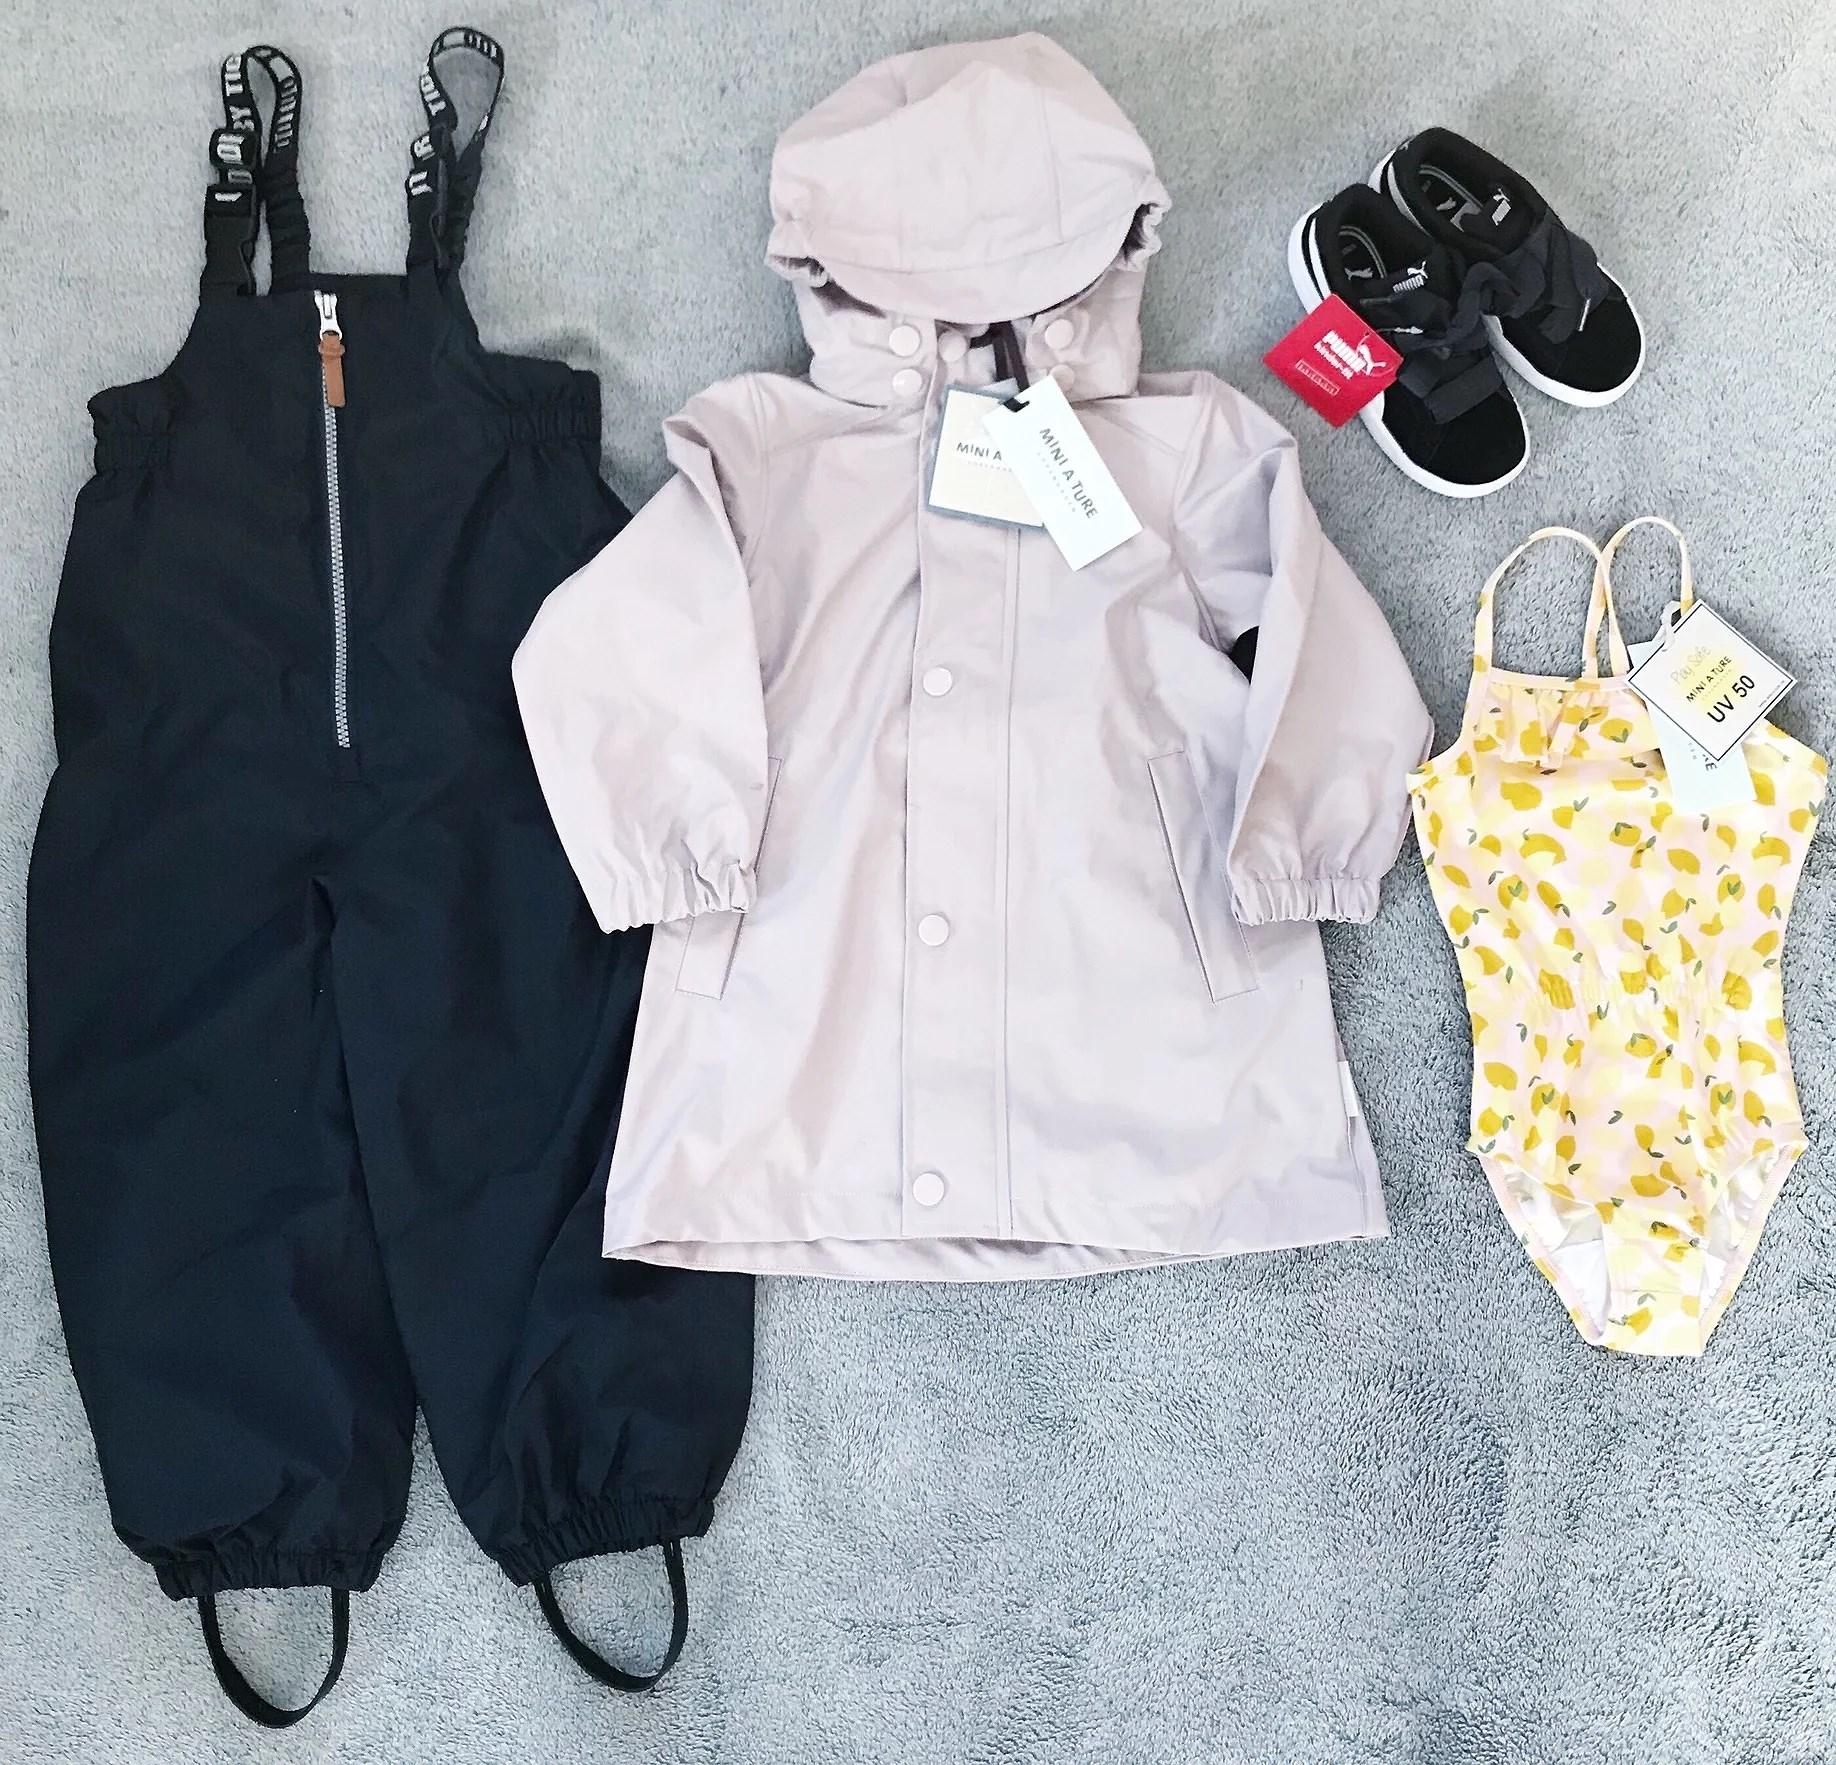 Ny vårgarderob till liten